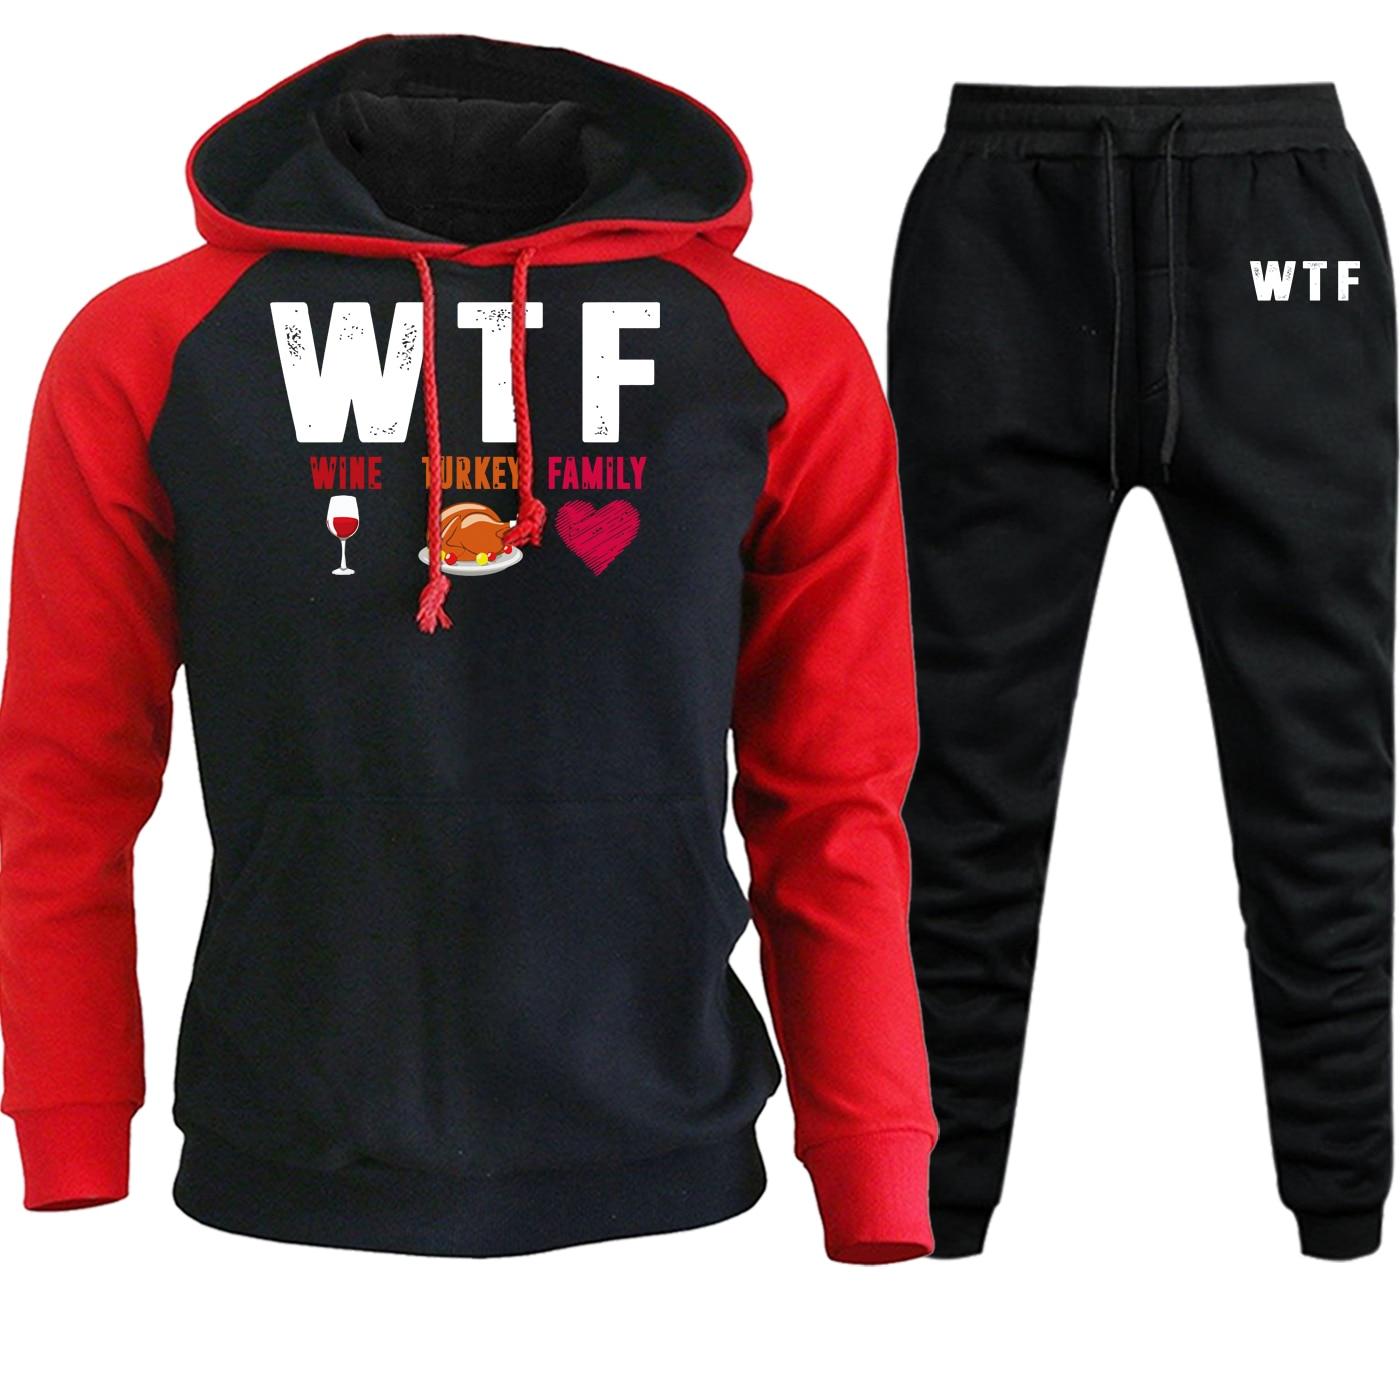 WTF Wine Turkey Family Streetwear Men Raglan Hooded Autumn Winter 2020 Casual Pullover Suit Male Fleece Hoodie+Pants 2 Piece Set